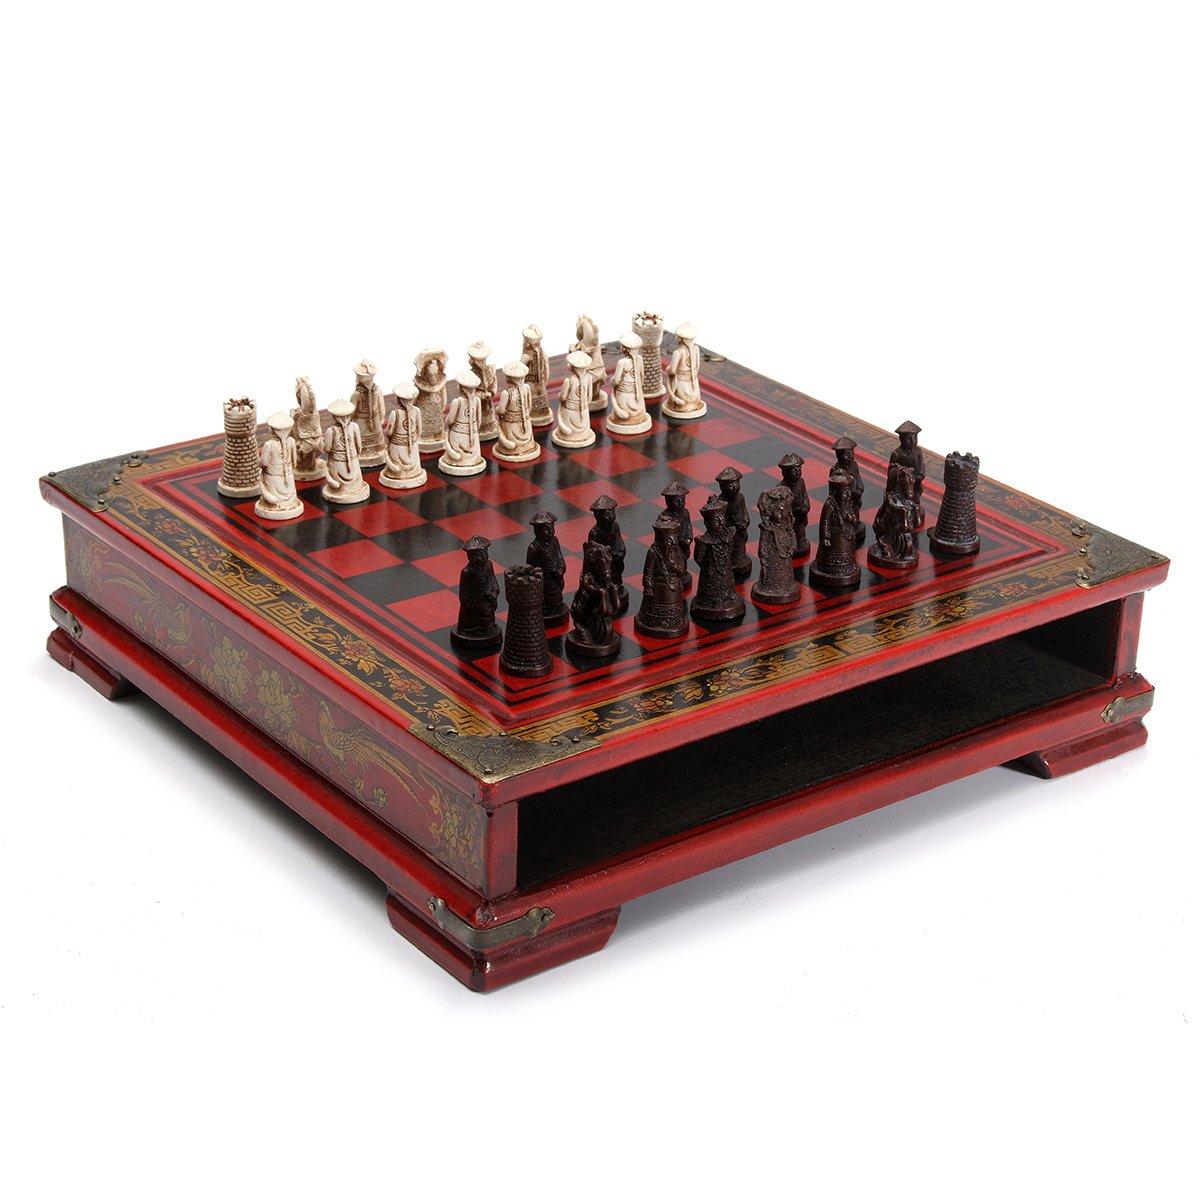 【★超目玉】 BangBang 32Pcs/Set Table Resin Coffee Chinese Chess With Coffee Wooden BangBang Table Vintage Collectibles Gift B072FDLDYL, 東京のブランドショップ:13ce3e3e --- arianechie.dominiotemporario.com